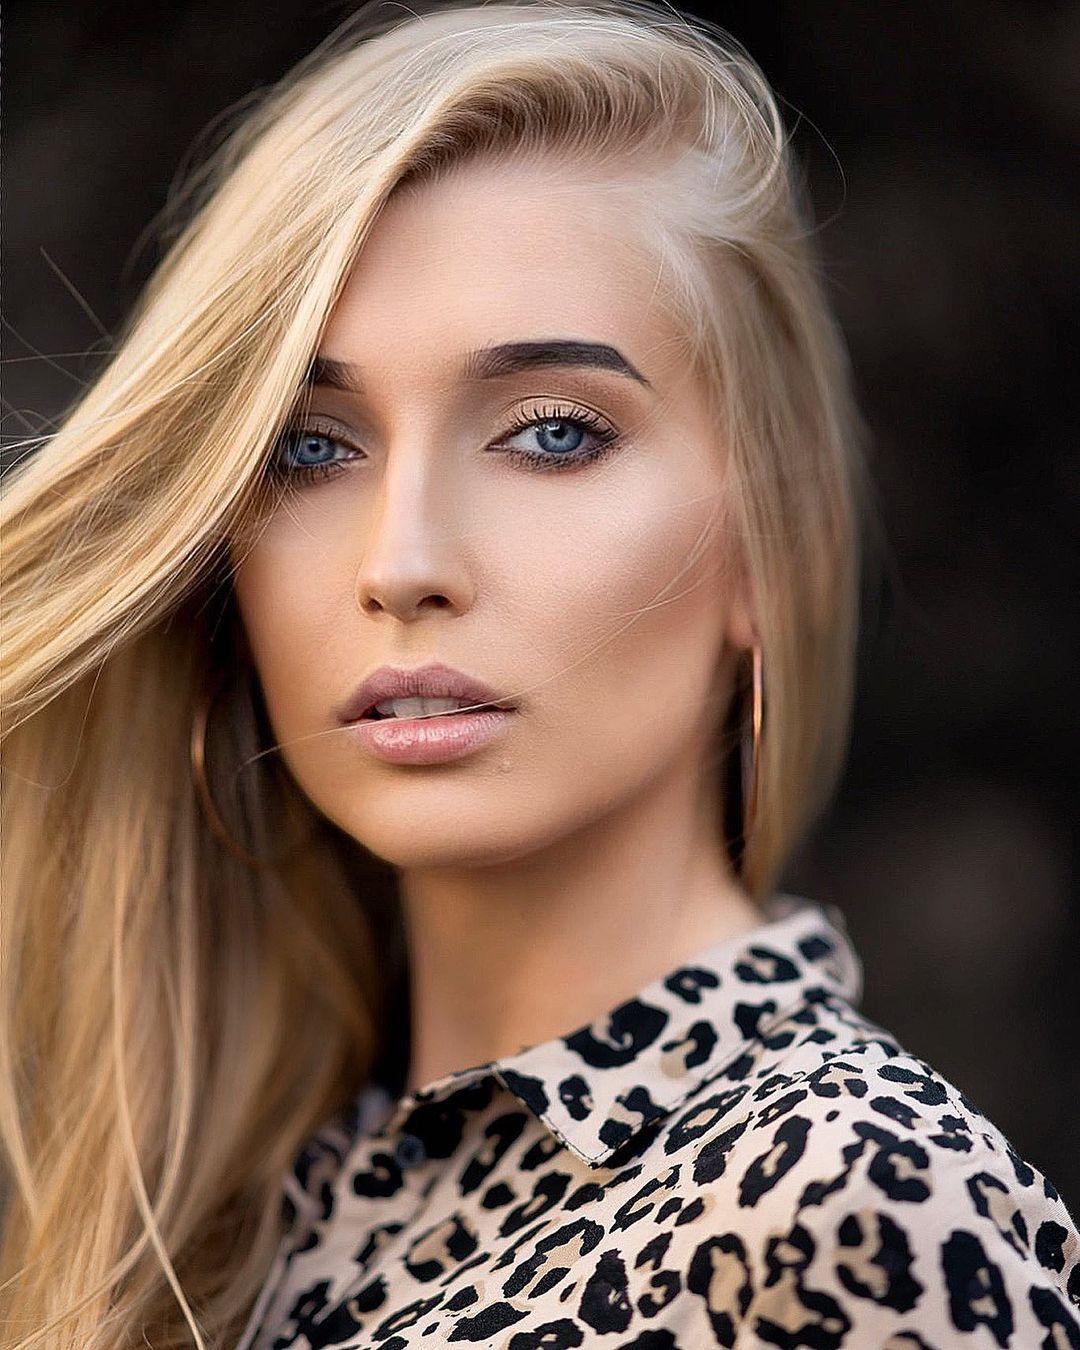 Aleksandra-Mucha-Wallpapers-Insta-Fit-Bio-2